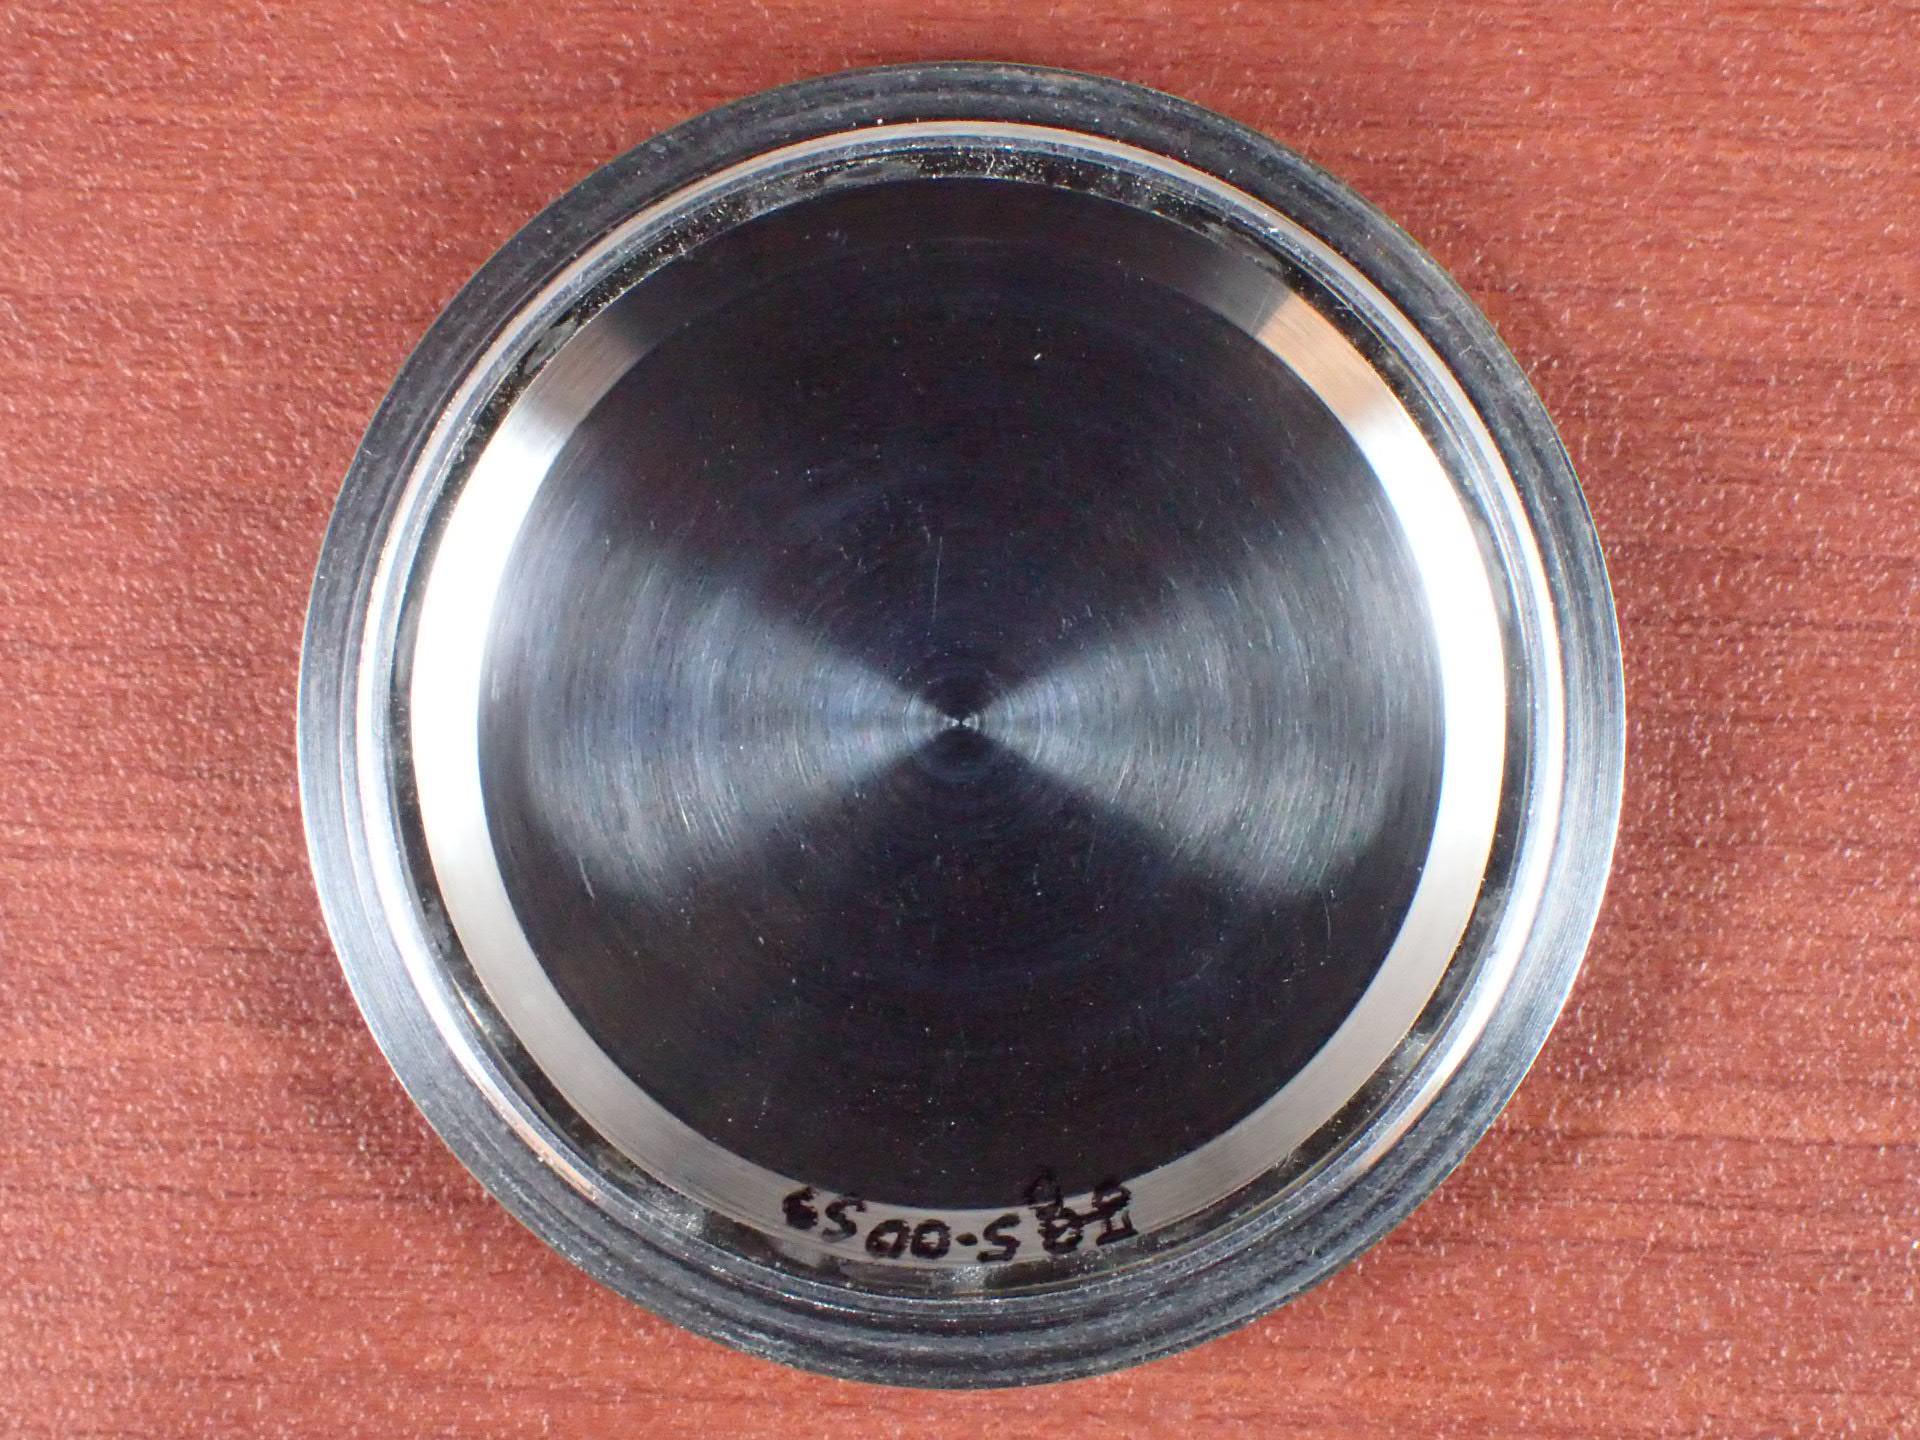 ブレゲ タイプ20 セカンドジェネレーション Cal.Valjoux725 1970年代の写真6枚目